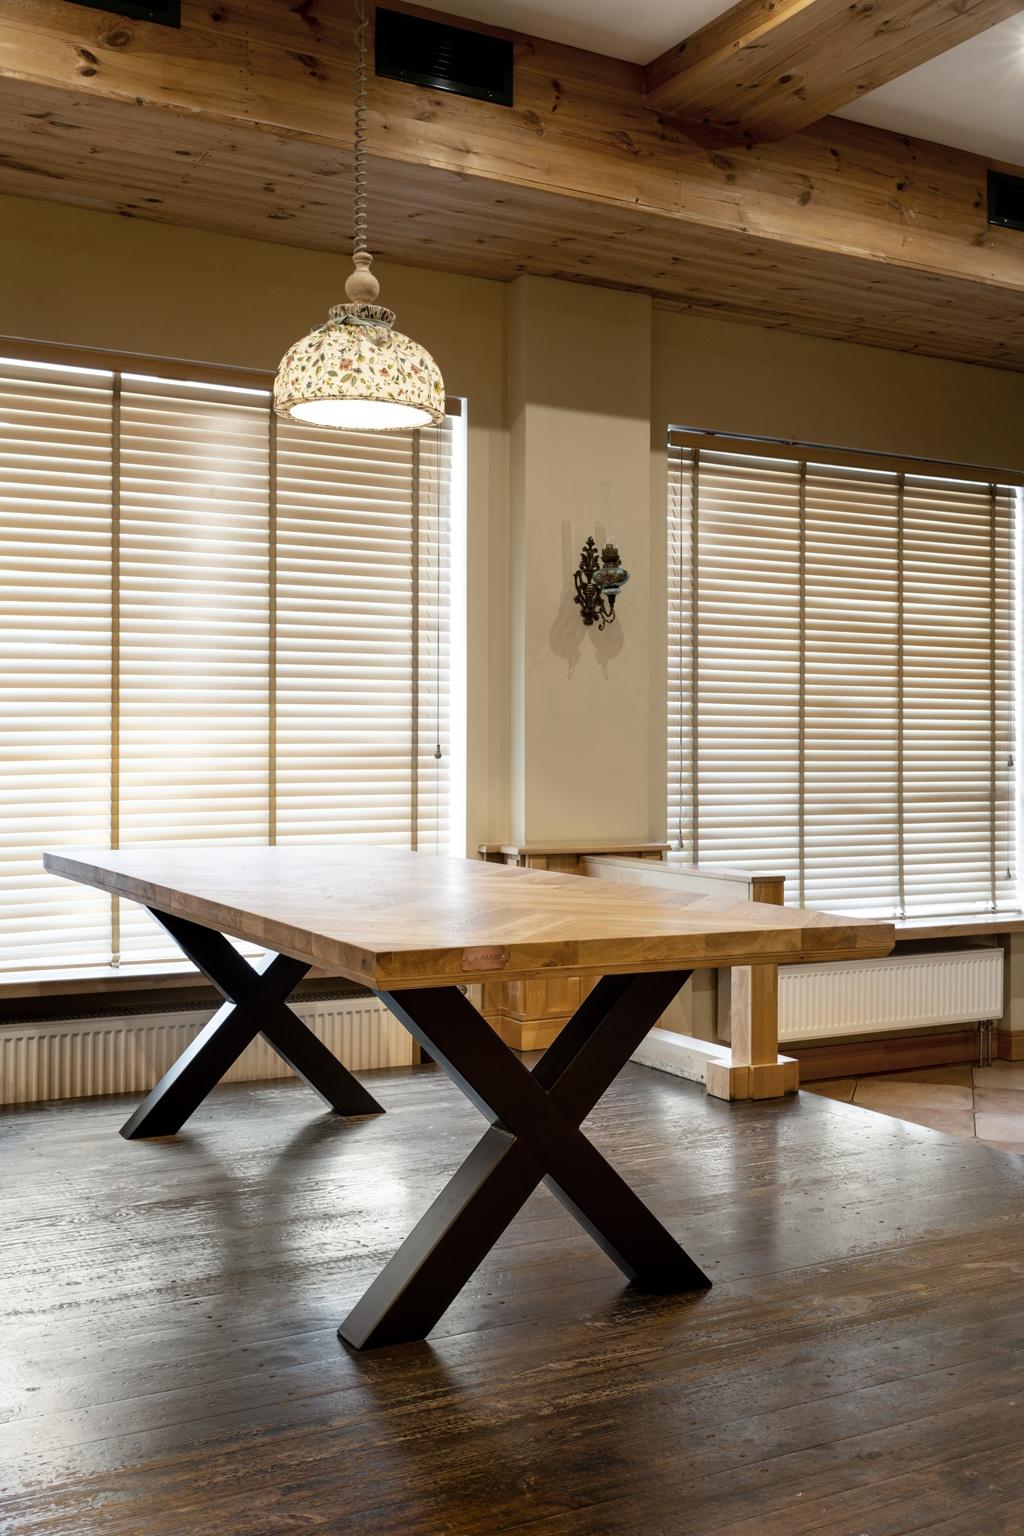 oak table mbswood.com 4 Ek bordsskivor limmade från brädor